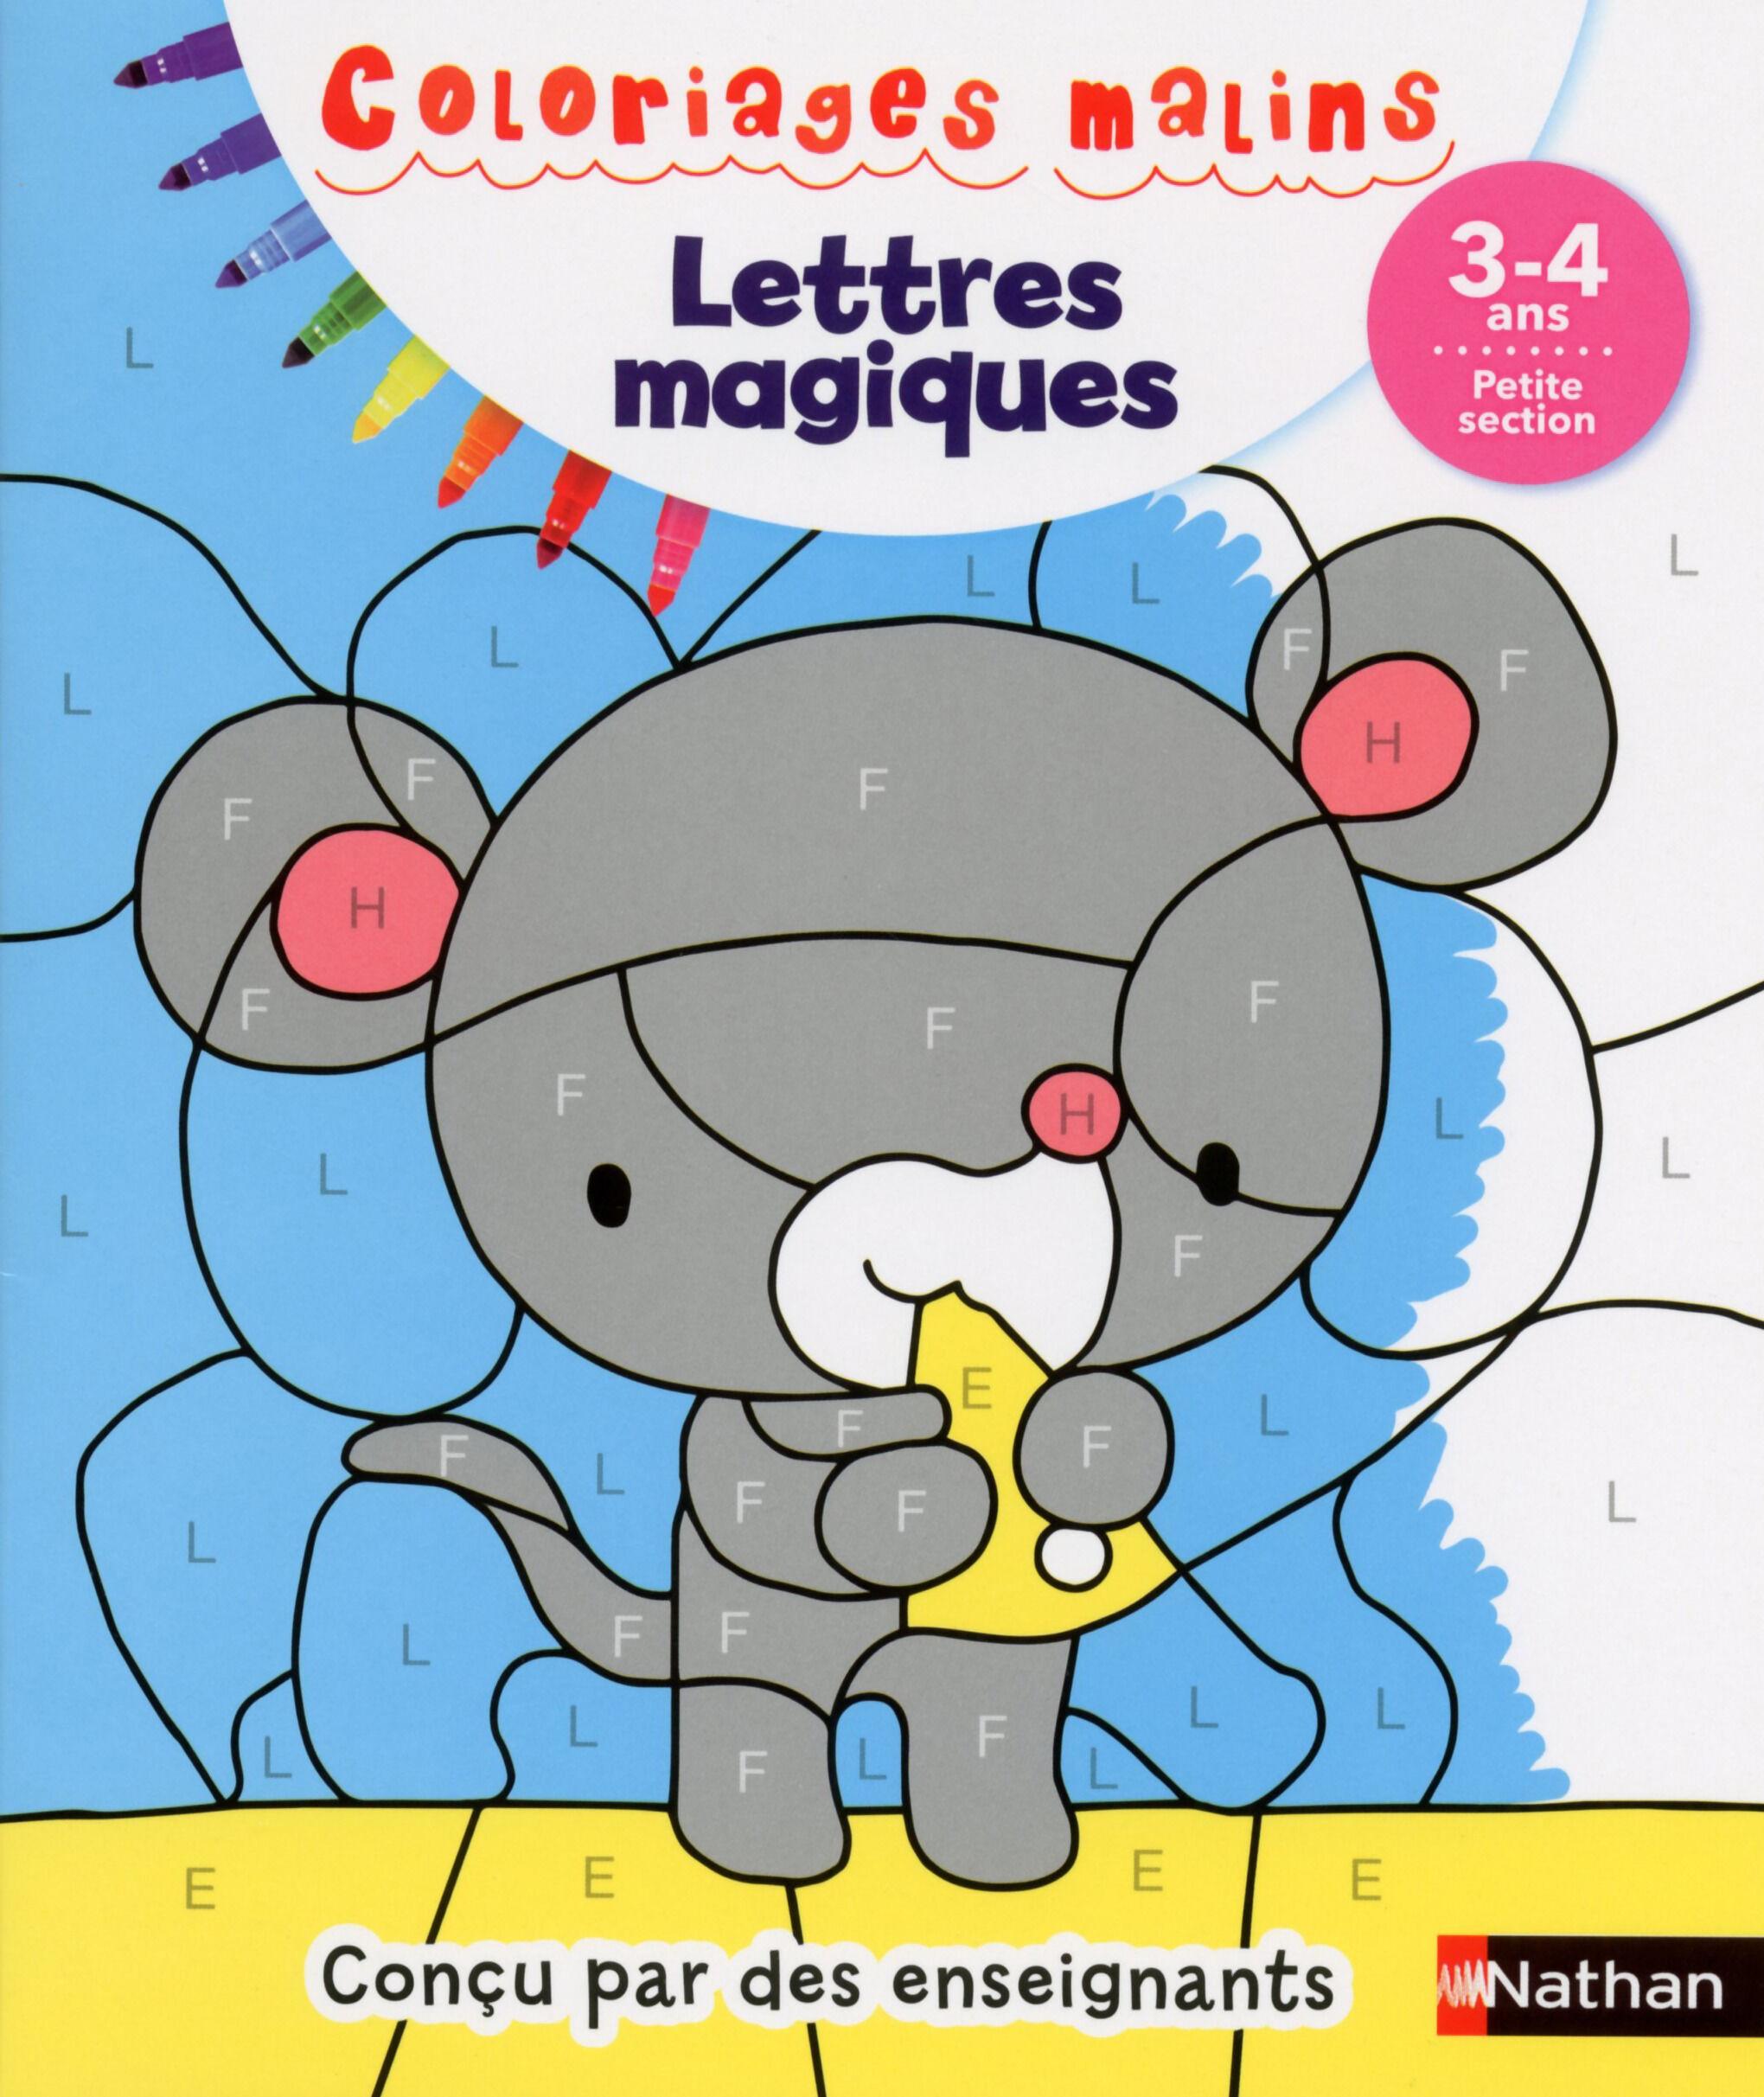 Coloriages malins - Lettres magiques petite section 3/4 ans